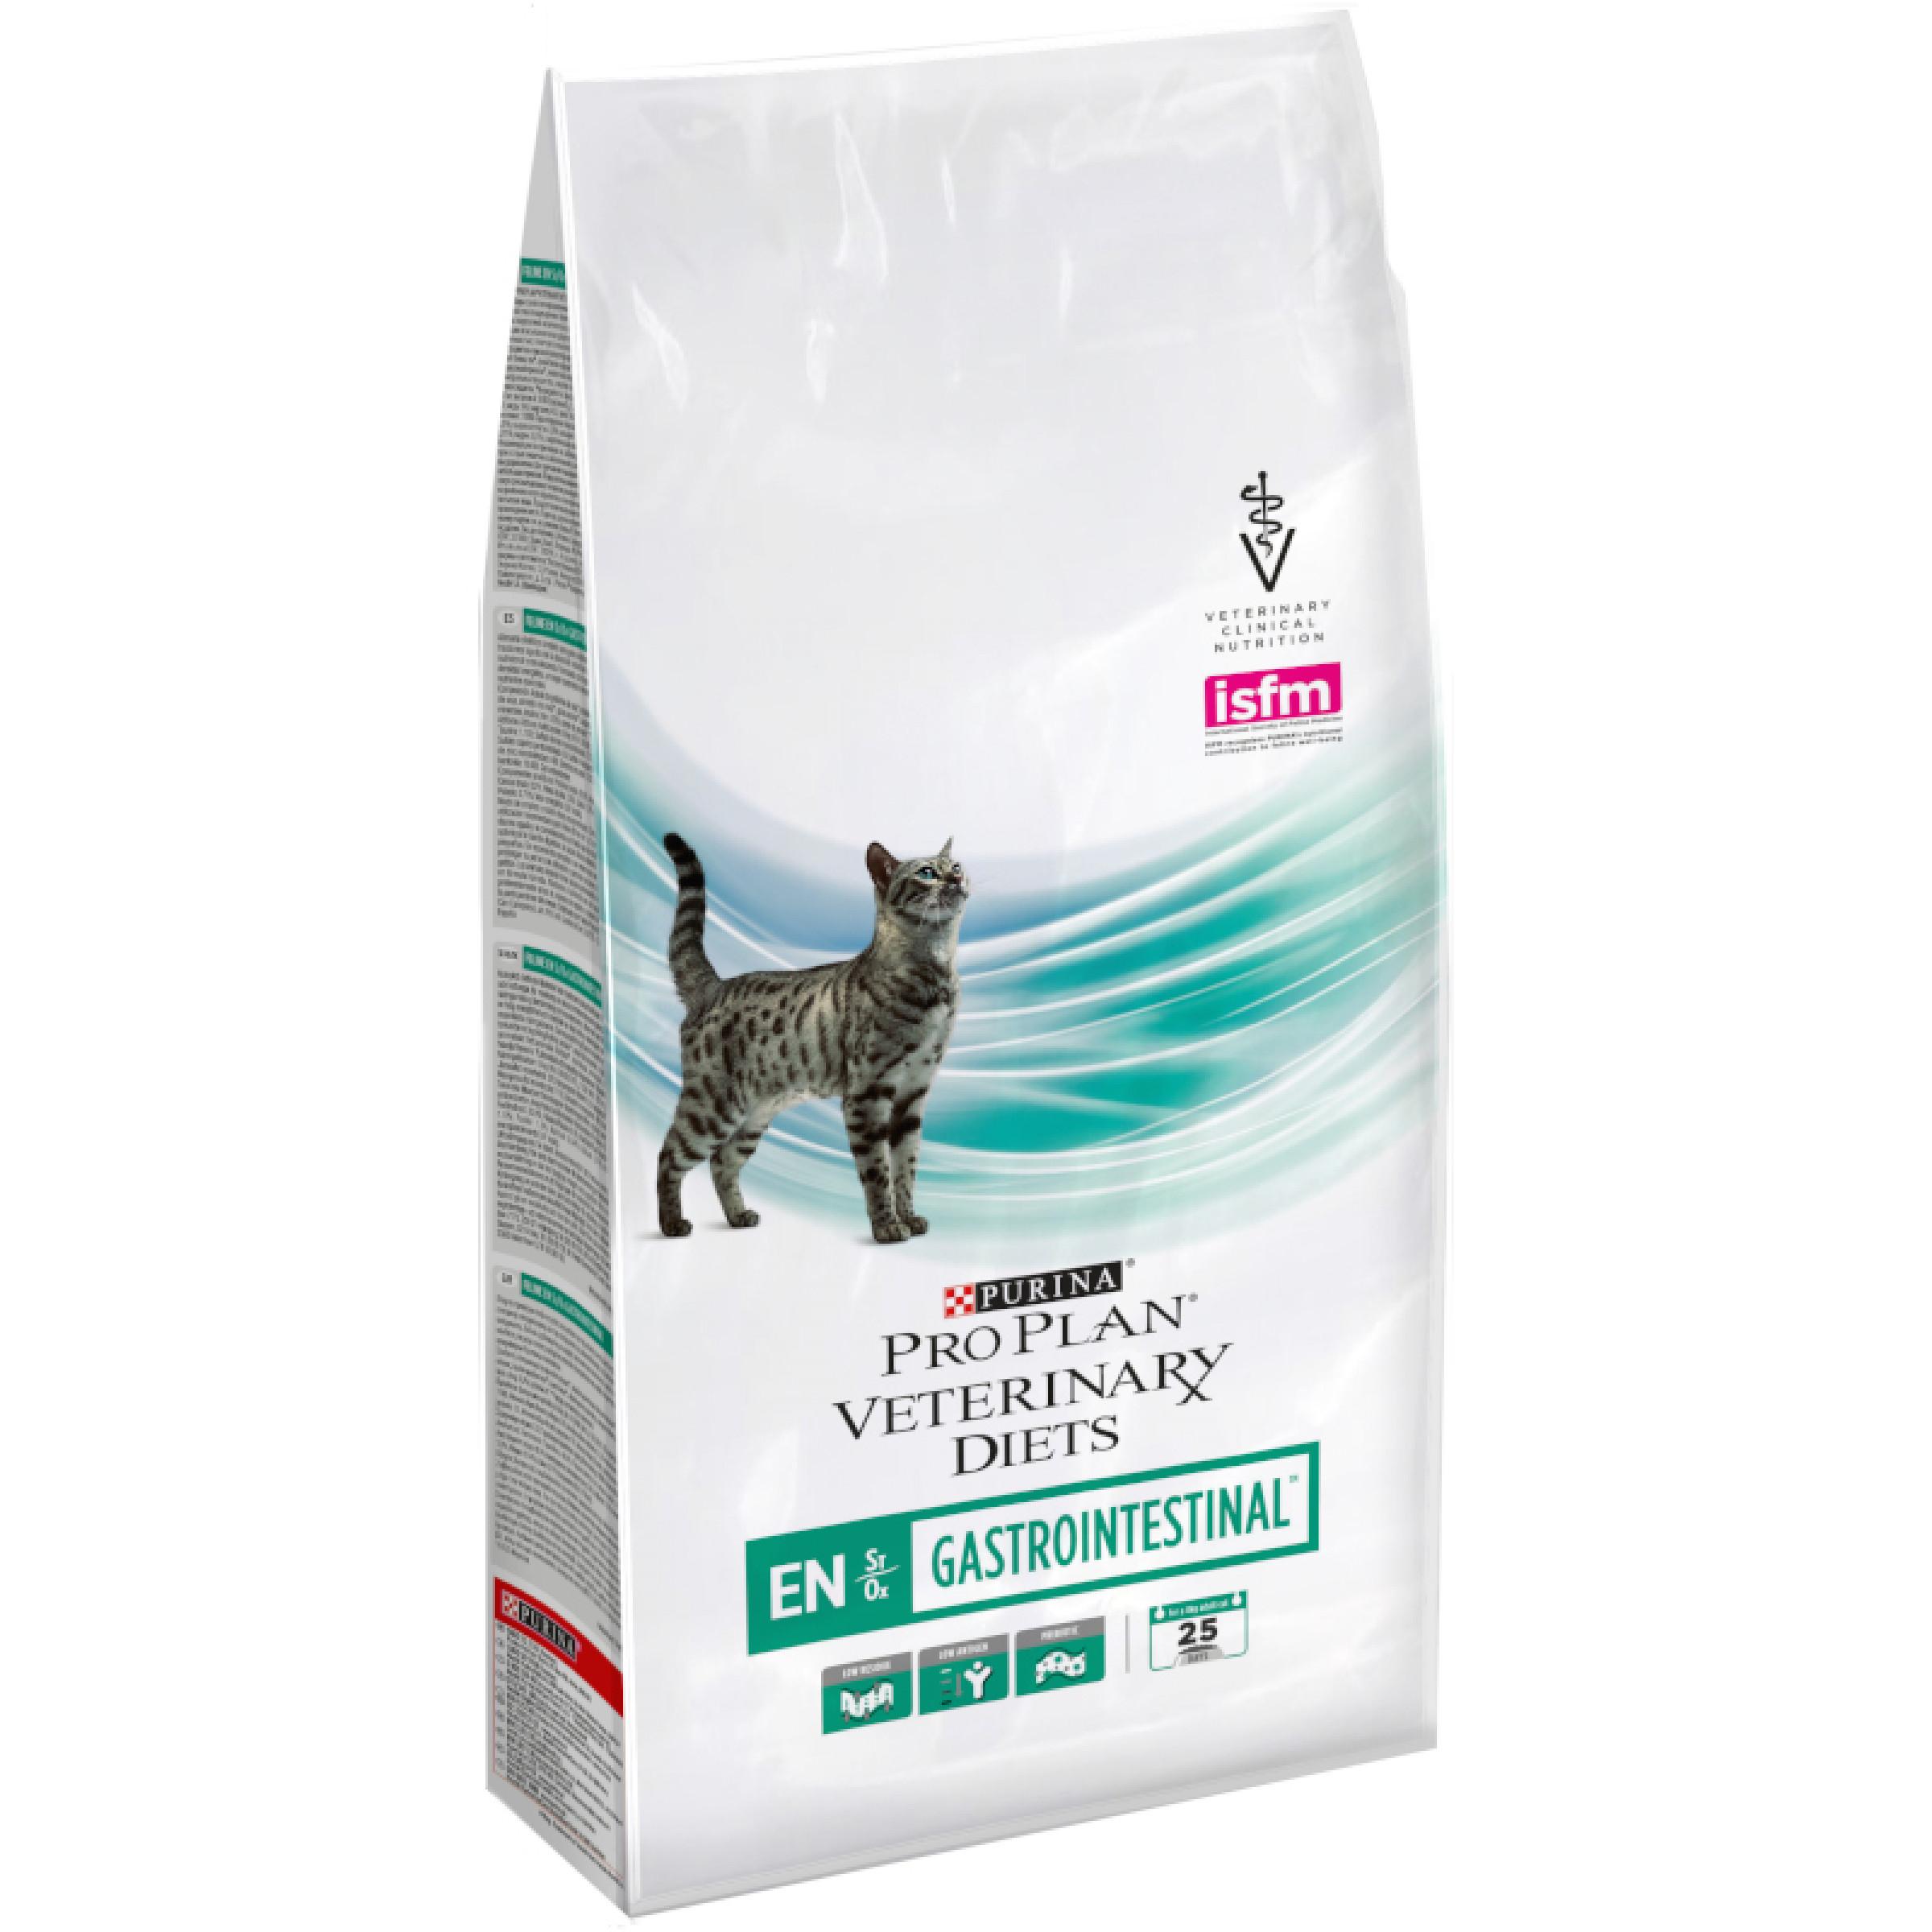 Сухой корм Pro Plan Veterinary diets EN корм для кошек при расстройствах пищеварения, 1. 5 кг